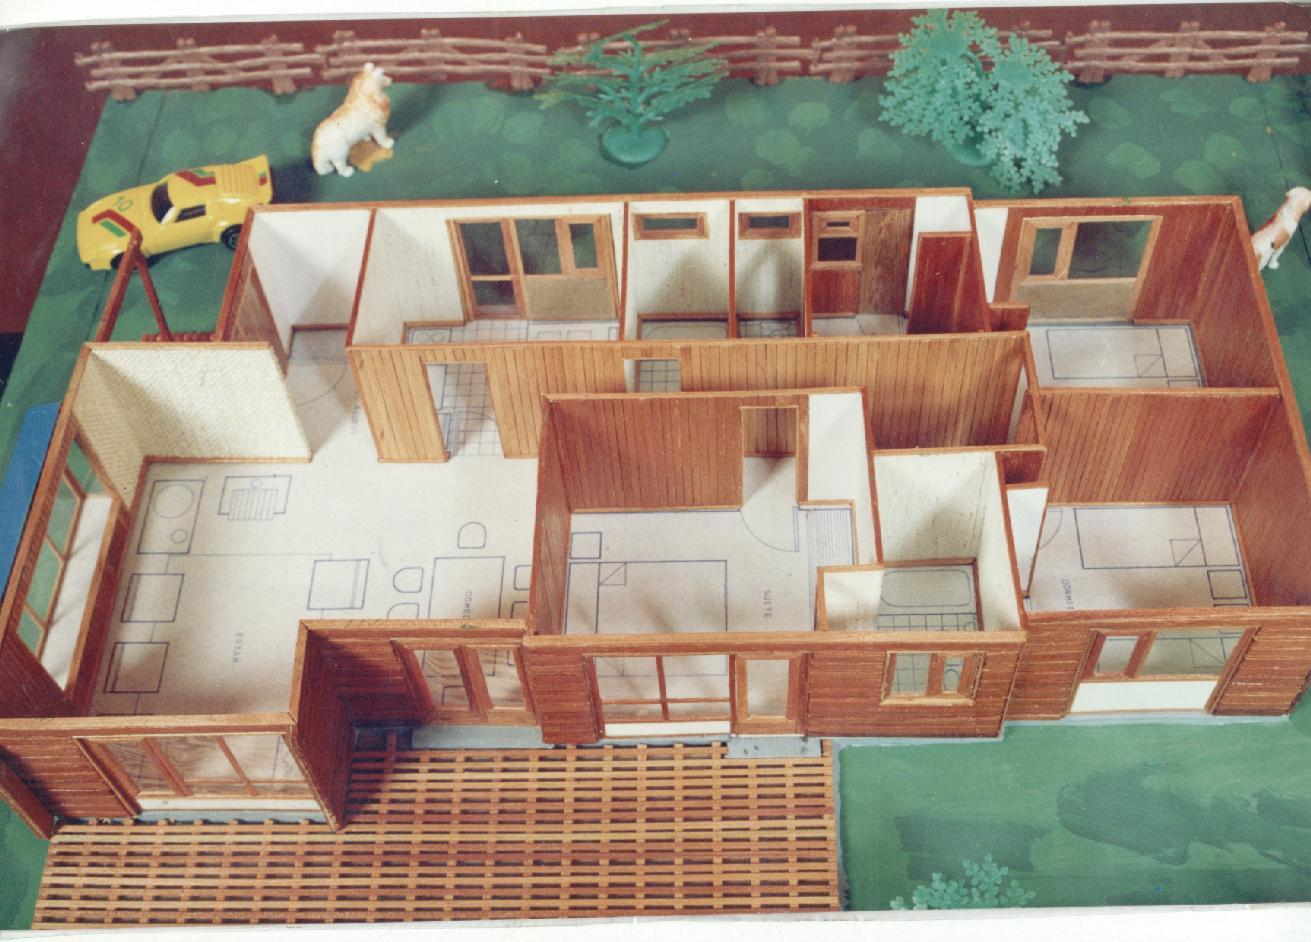 Planos de casas modelos y dise os de casas planos de for Habitacion de 8 metros cuadrados